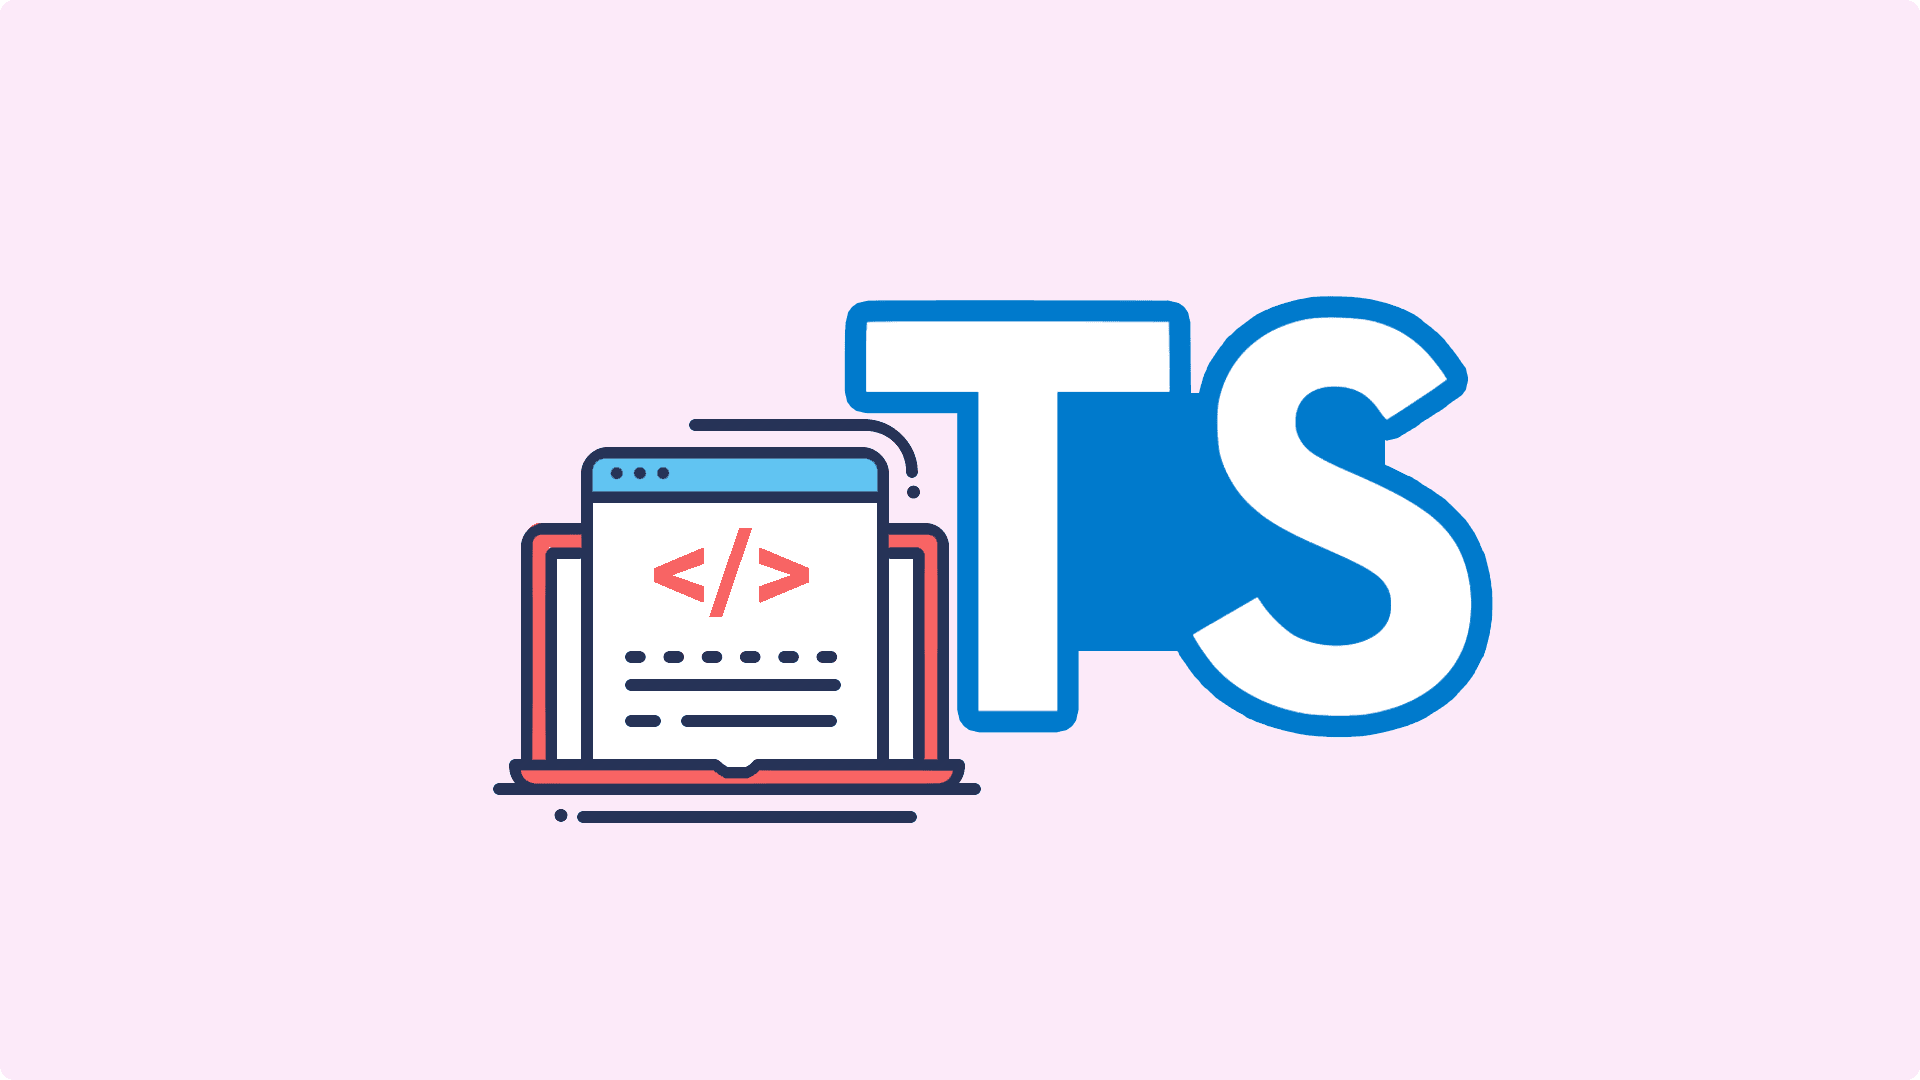 آموزش TypeScript تایپ اسکریپت از مقدماتی تا پیشرفته پروژه محور